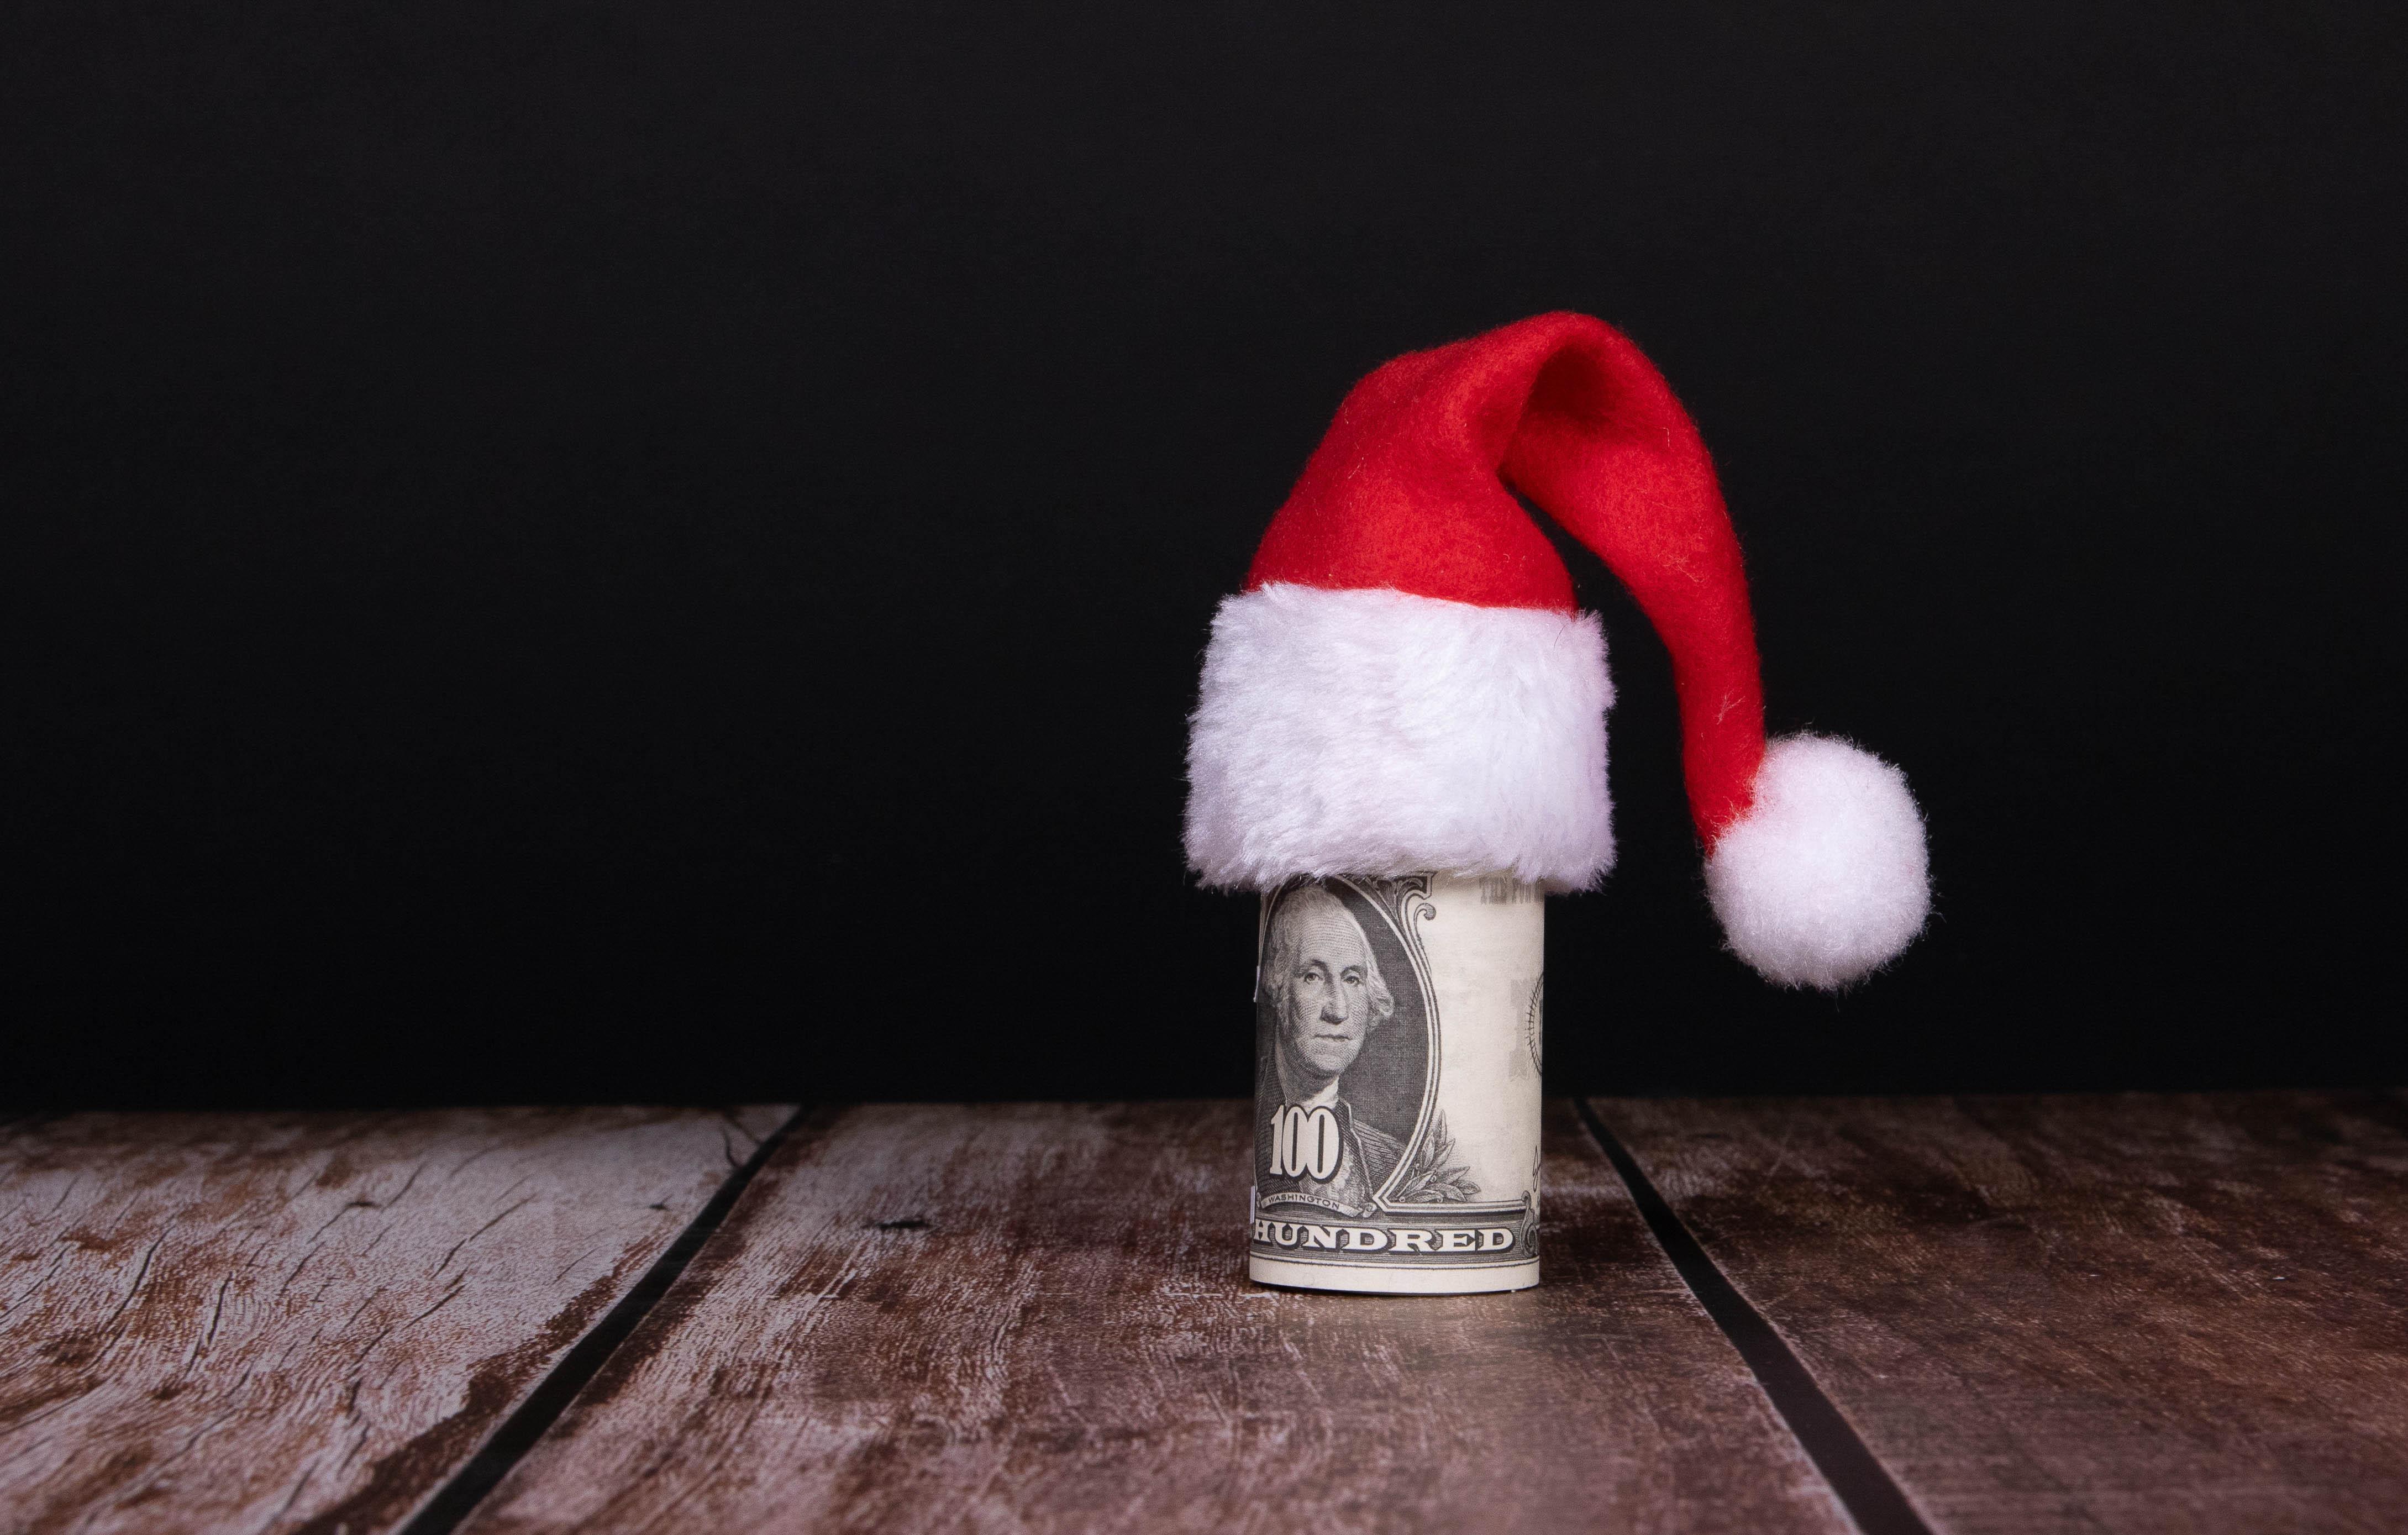 133849 скачать обои Деньги, Праздники, Рождество, Новый Год, Шапка, Доллары - заставки и картинки бесплатно